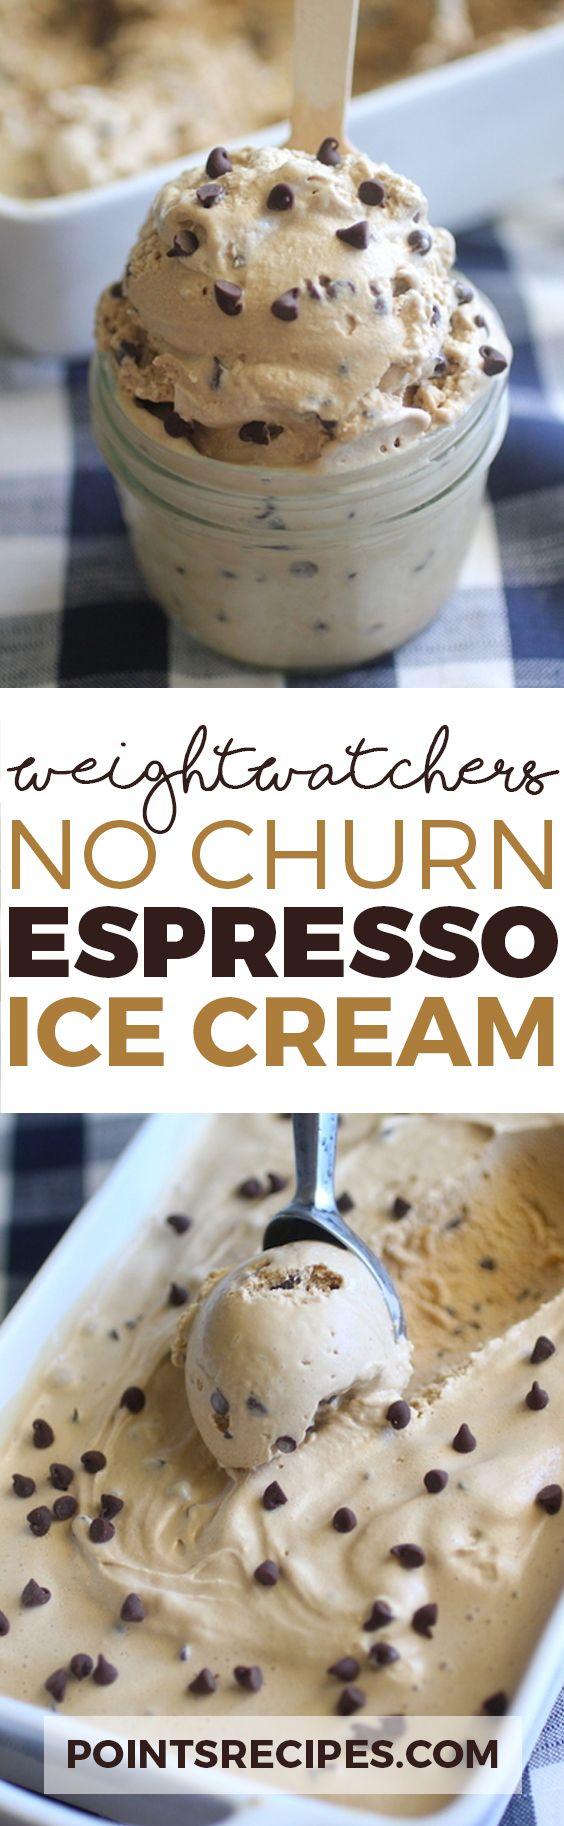 NO CHURN ESPRESSO ICE CREAM (WEIGHT WATCHERS FREESTYLE SMARTPOINTS)